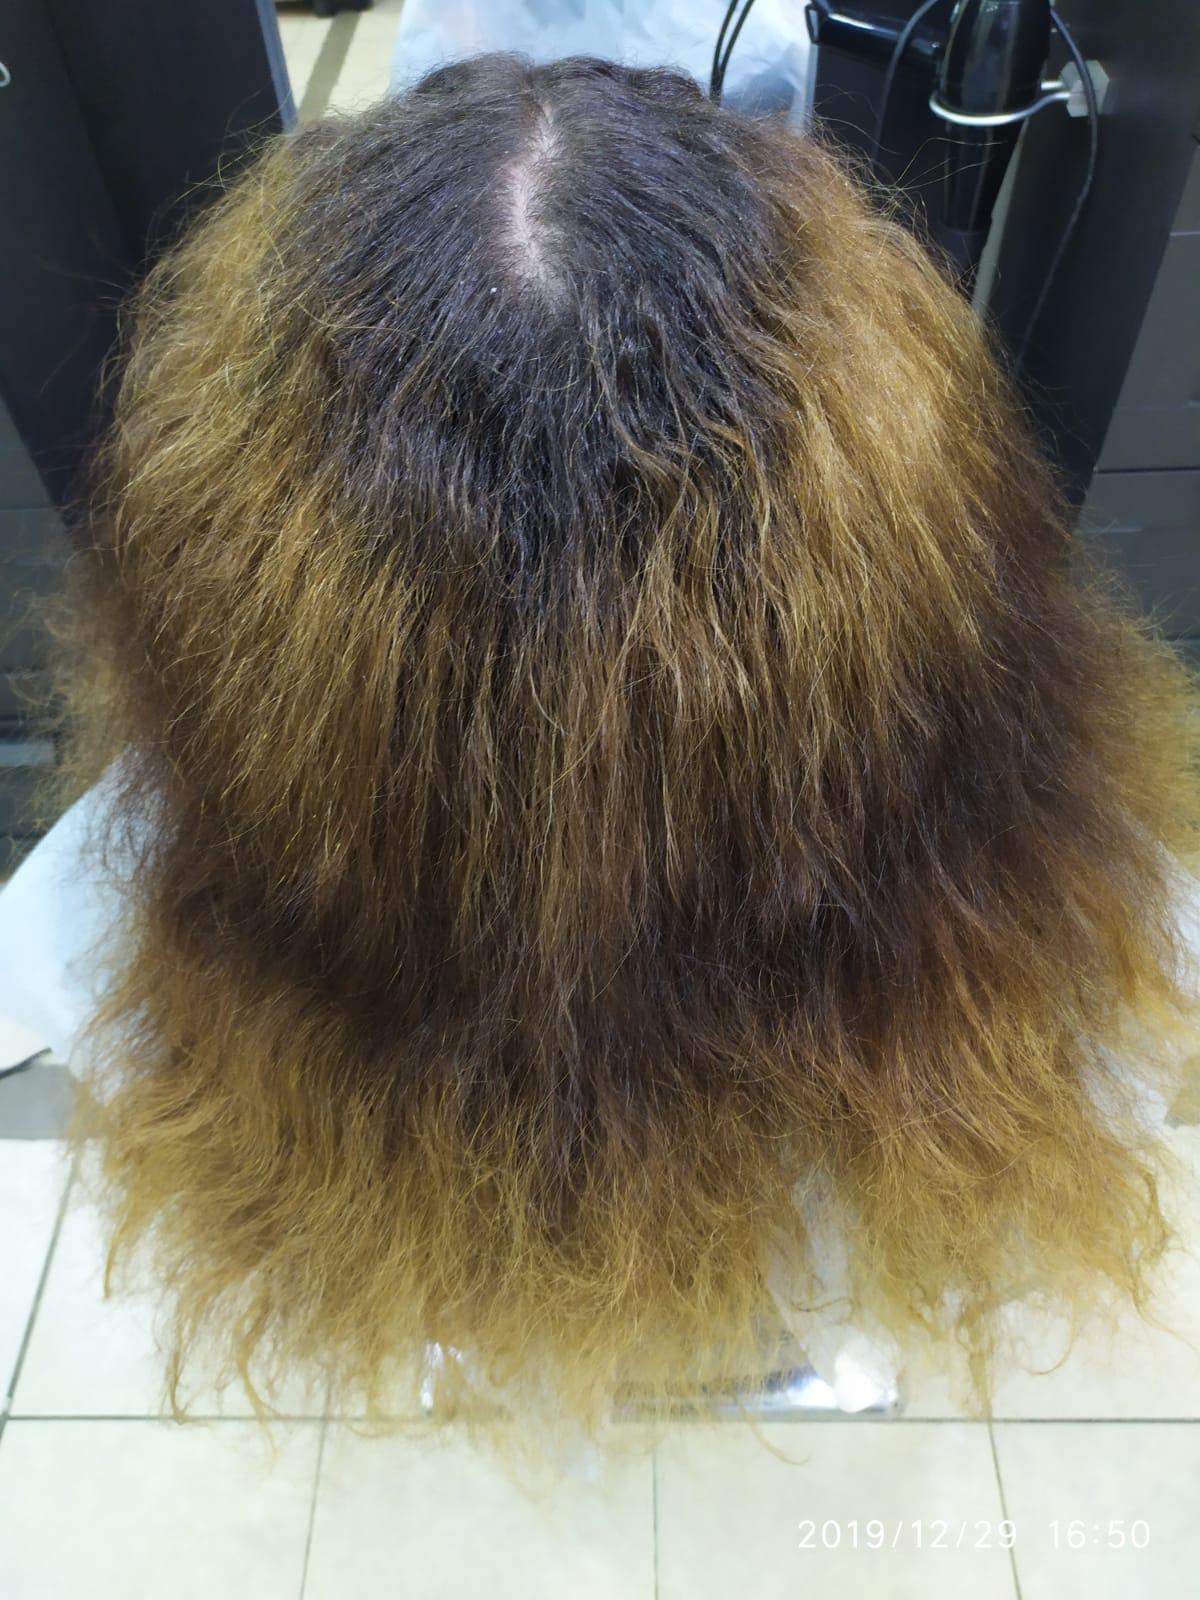 שיקום שיער בטכנולוגית R4 לפני